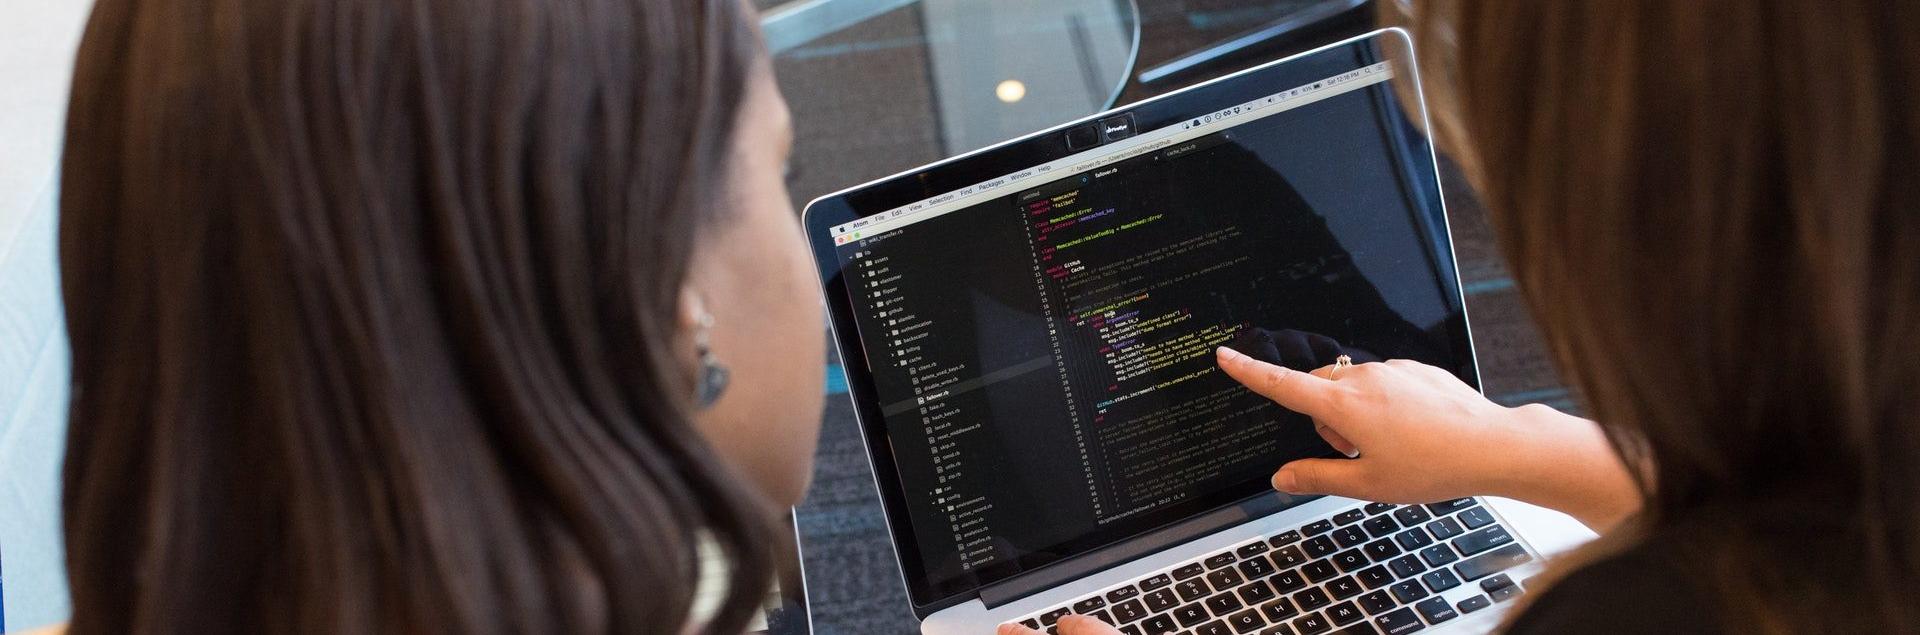 650 cursos de programación e informática que empiezan en mayo